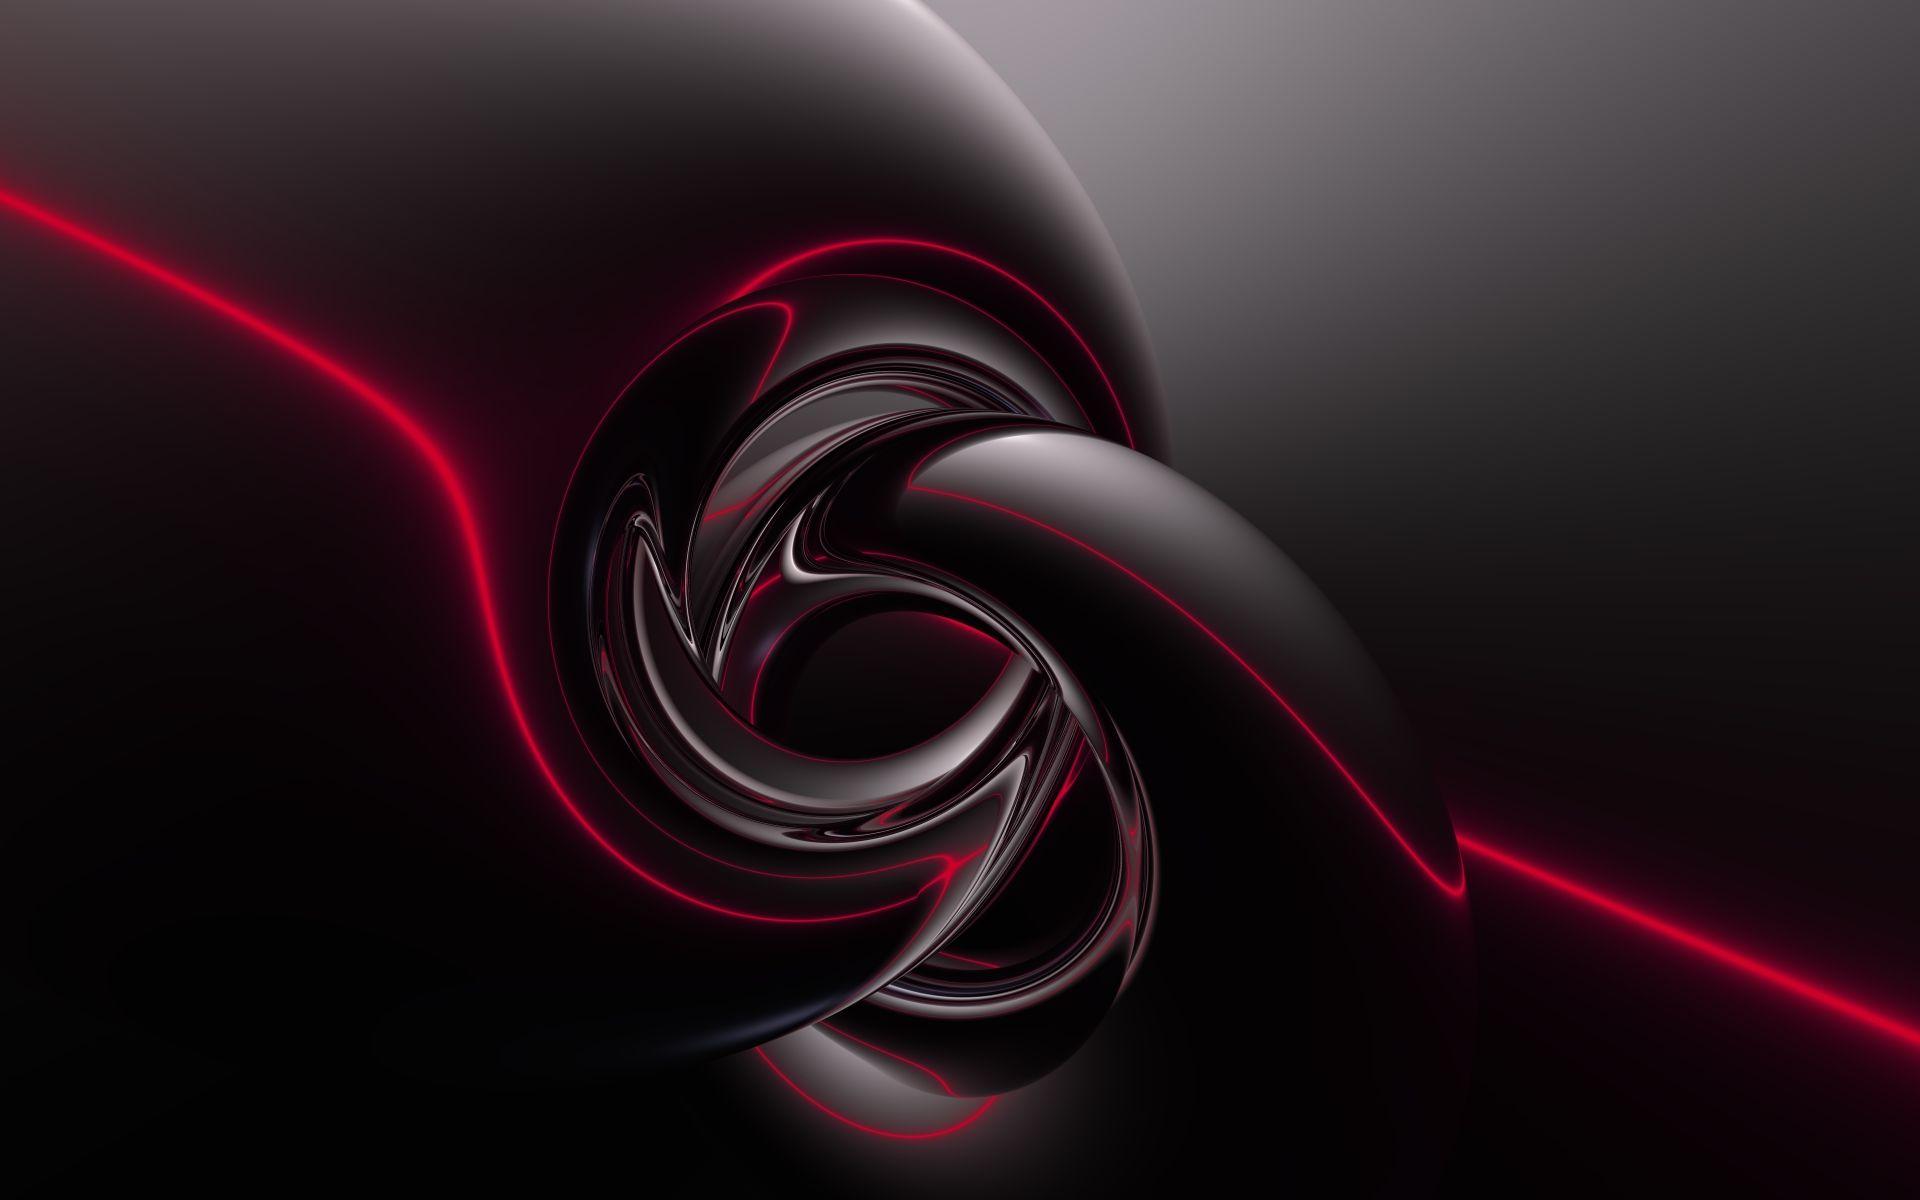 30 Black Red Abstract Backgrounds HQ Vespasien Kohnert